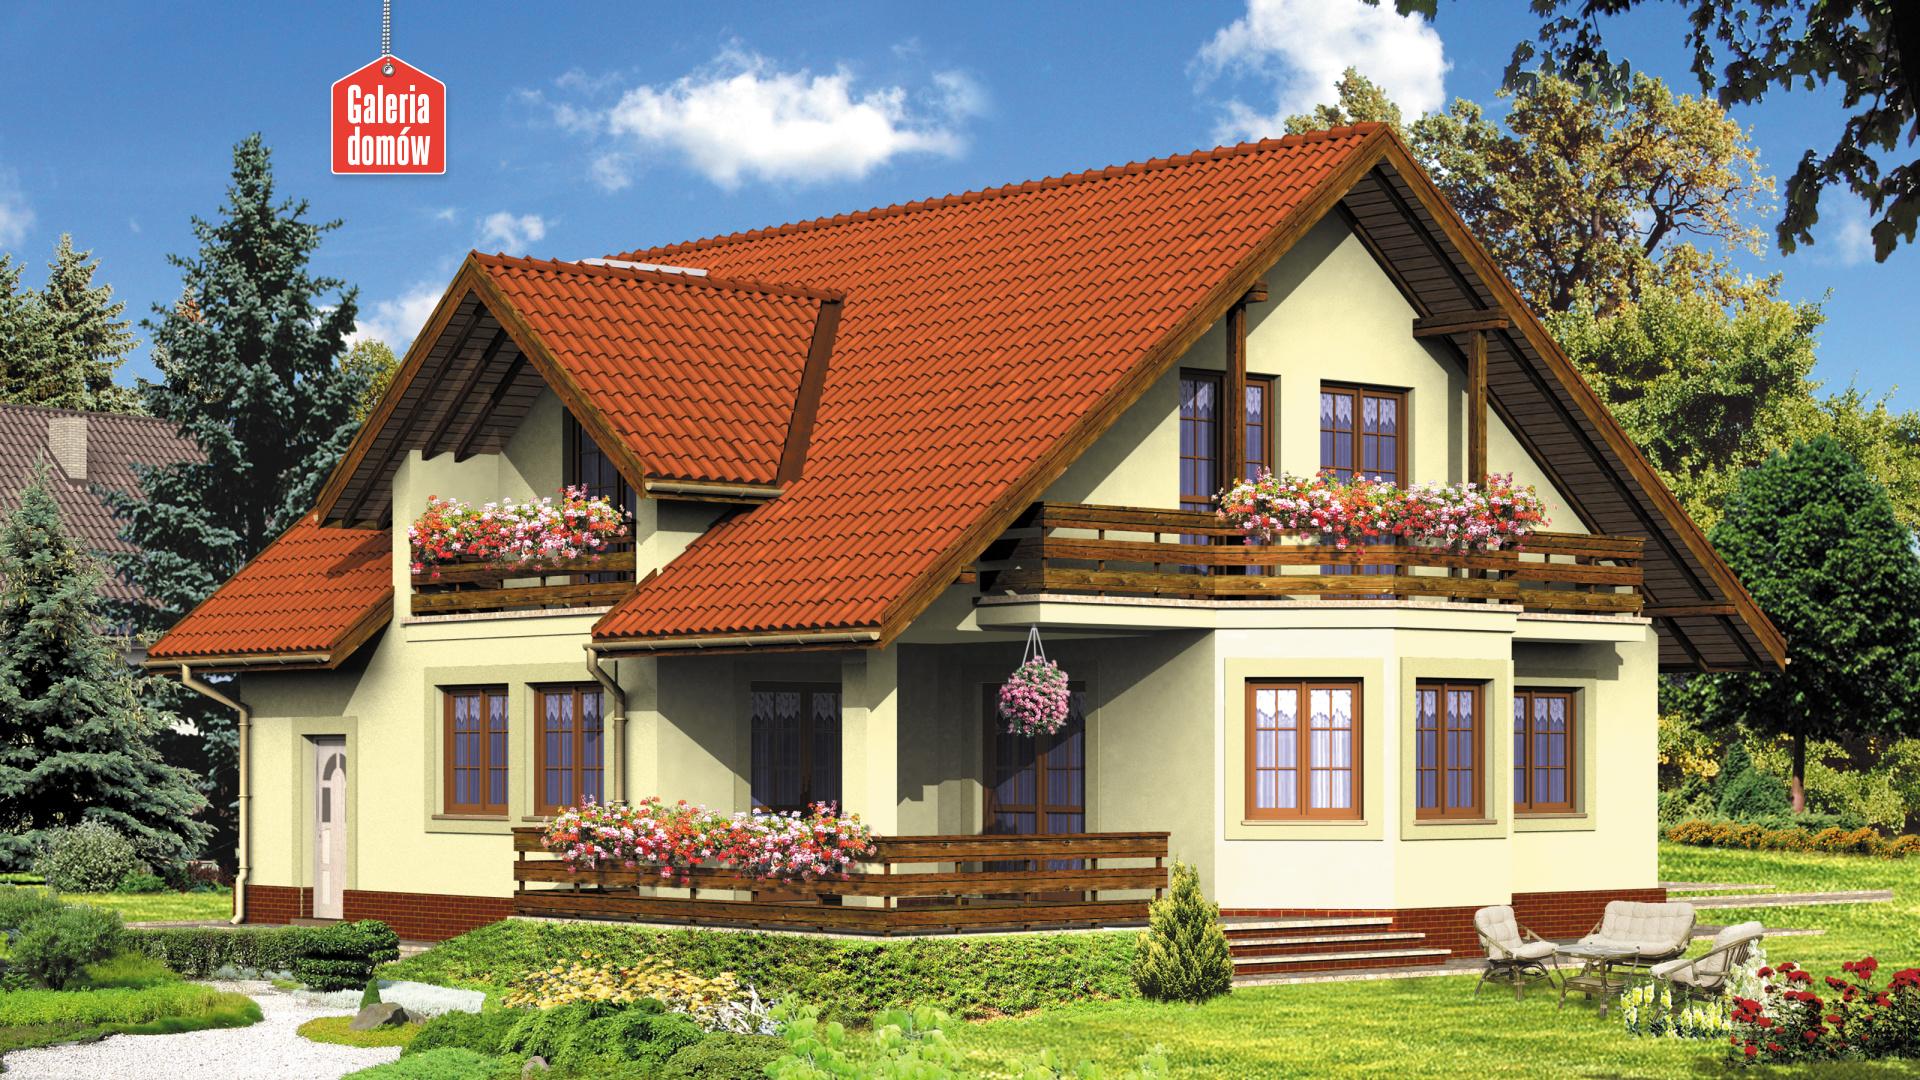 Dom przy Miodowej - zdjęcie projektu i wizualizacja